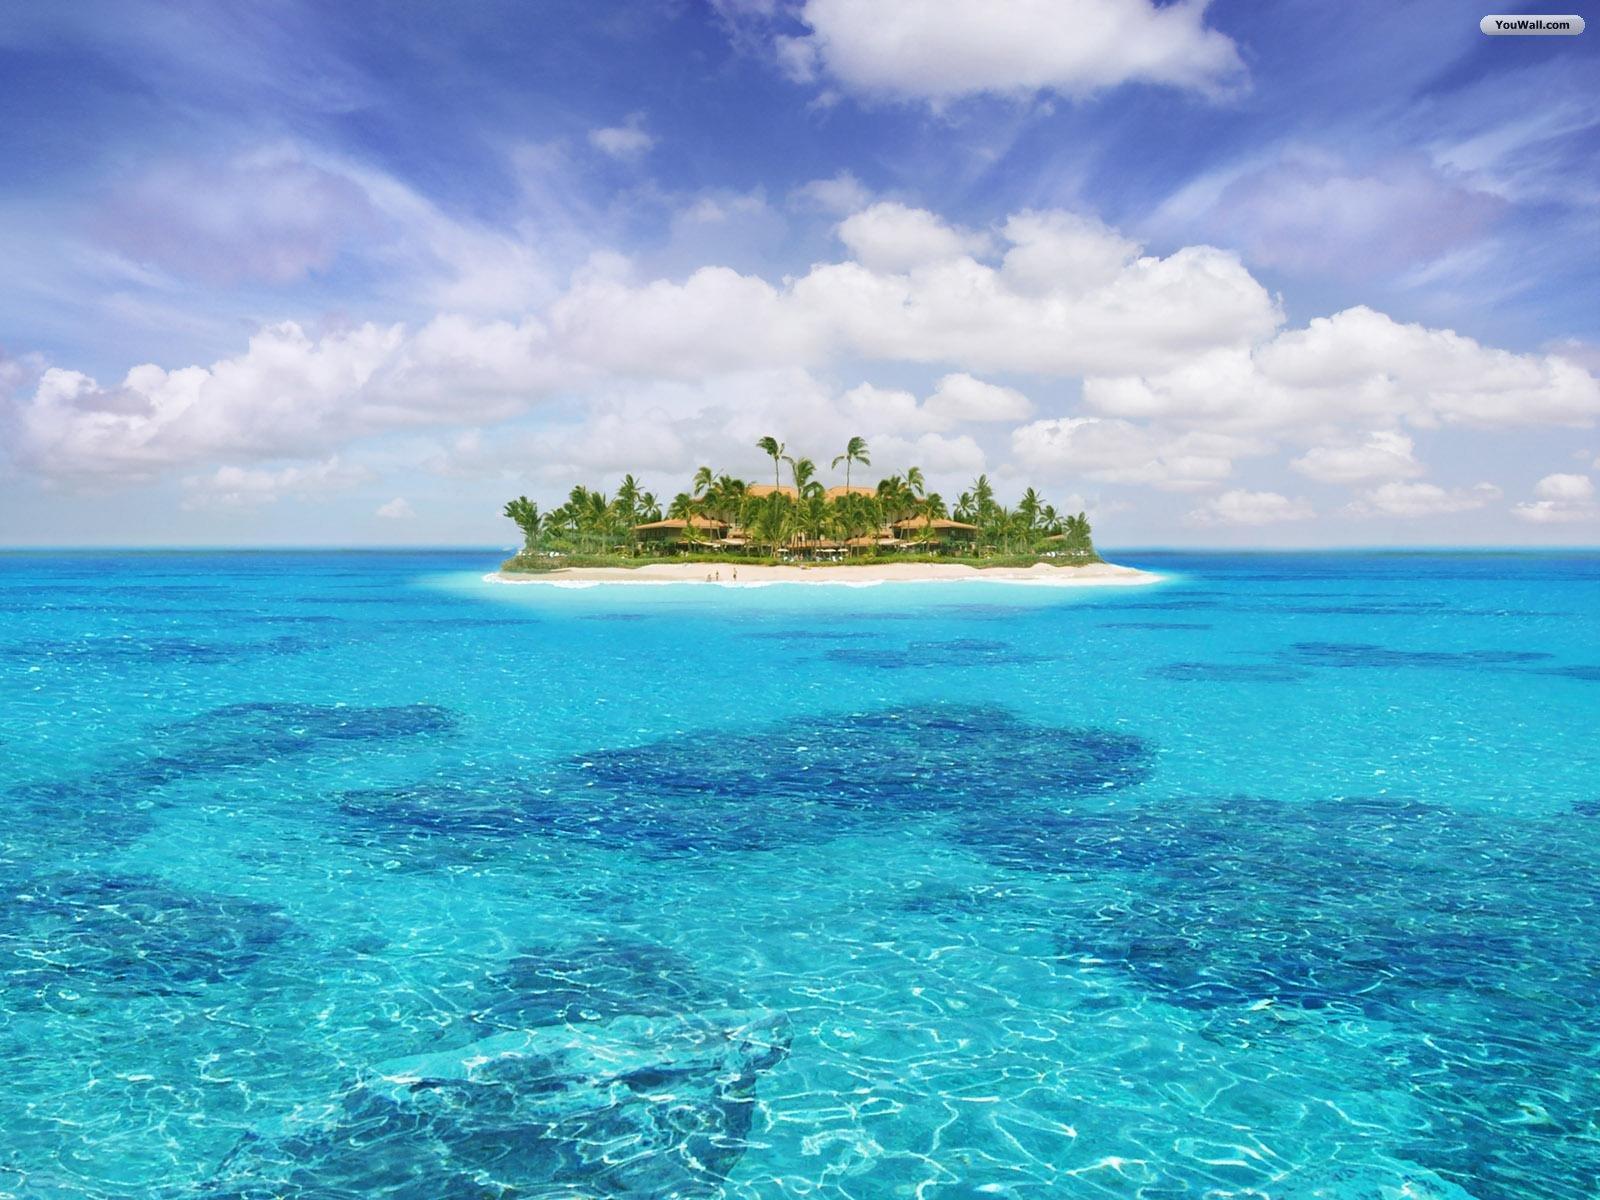 Paradise Island Wallpaper 1600x1200 329 KB 1600x1200